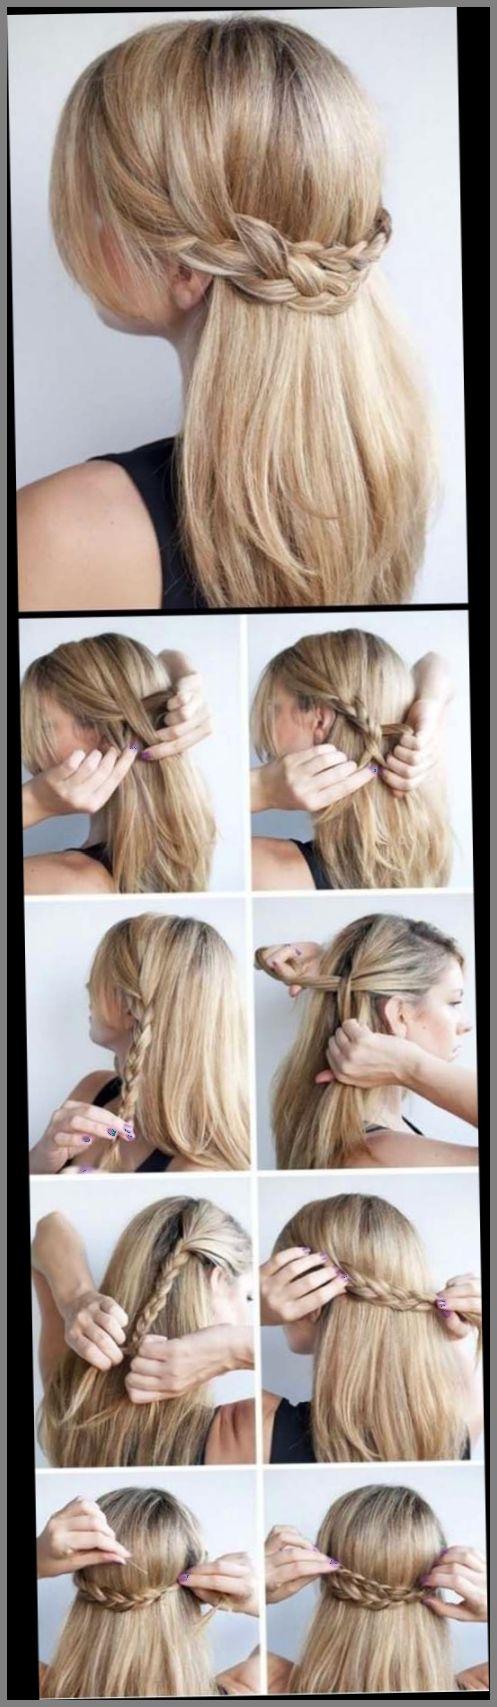 Peinados Faciles Paso A Paso Para Adolescentes Peinados Faciles Paso A Paso Peinados Peinados Faciles Pelo Corto